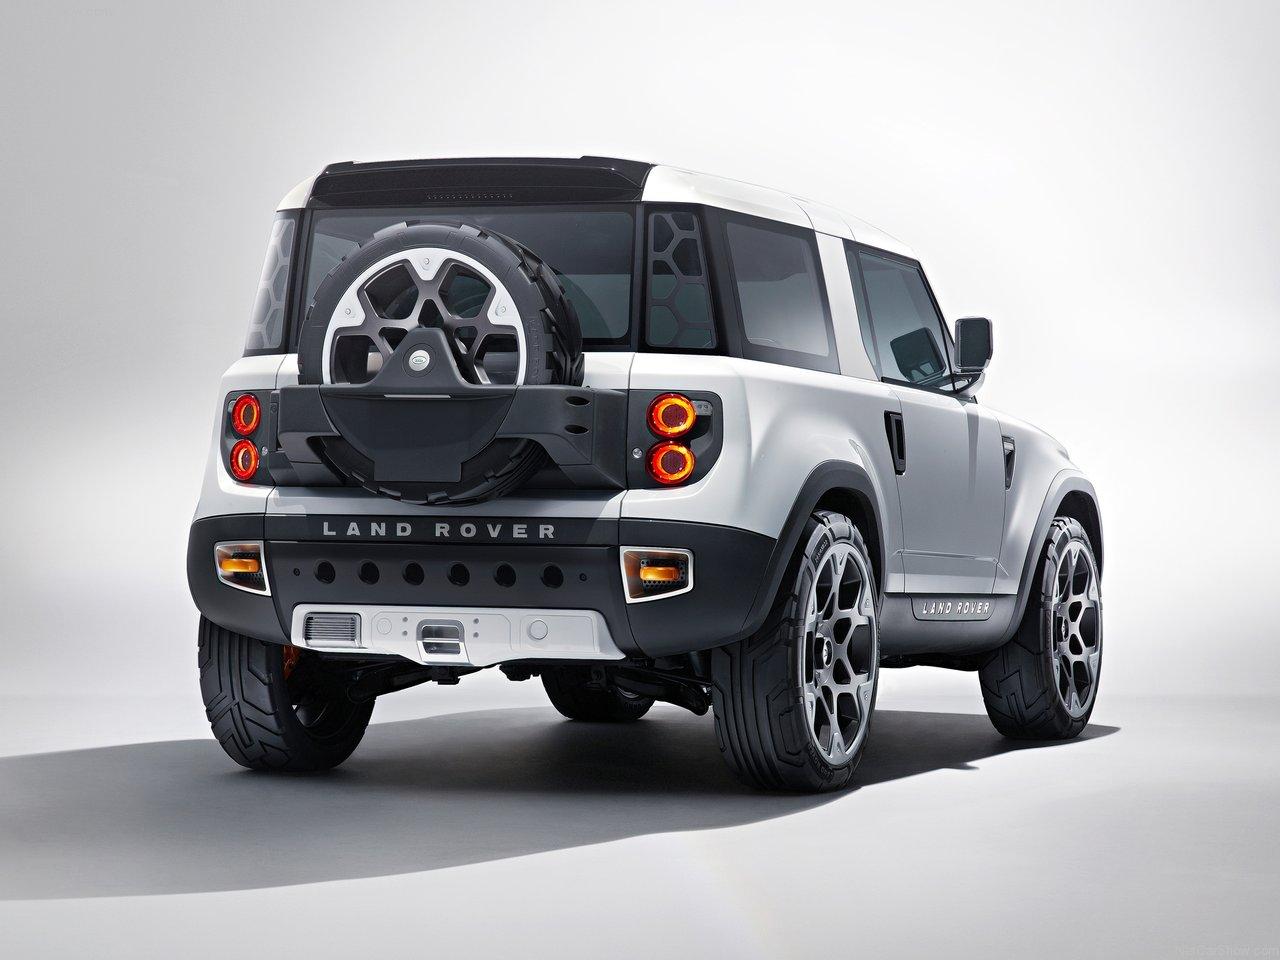 2011 land rover dc100 concept side 2 1280x960 wallpaper - Http 4 Bp Blogspot Com 4va7efs4cfa Tpyg1fmf5ui El Land Rover Dc 100